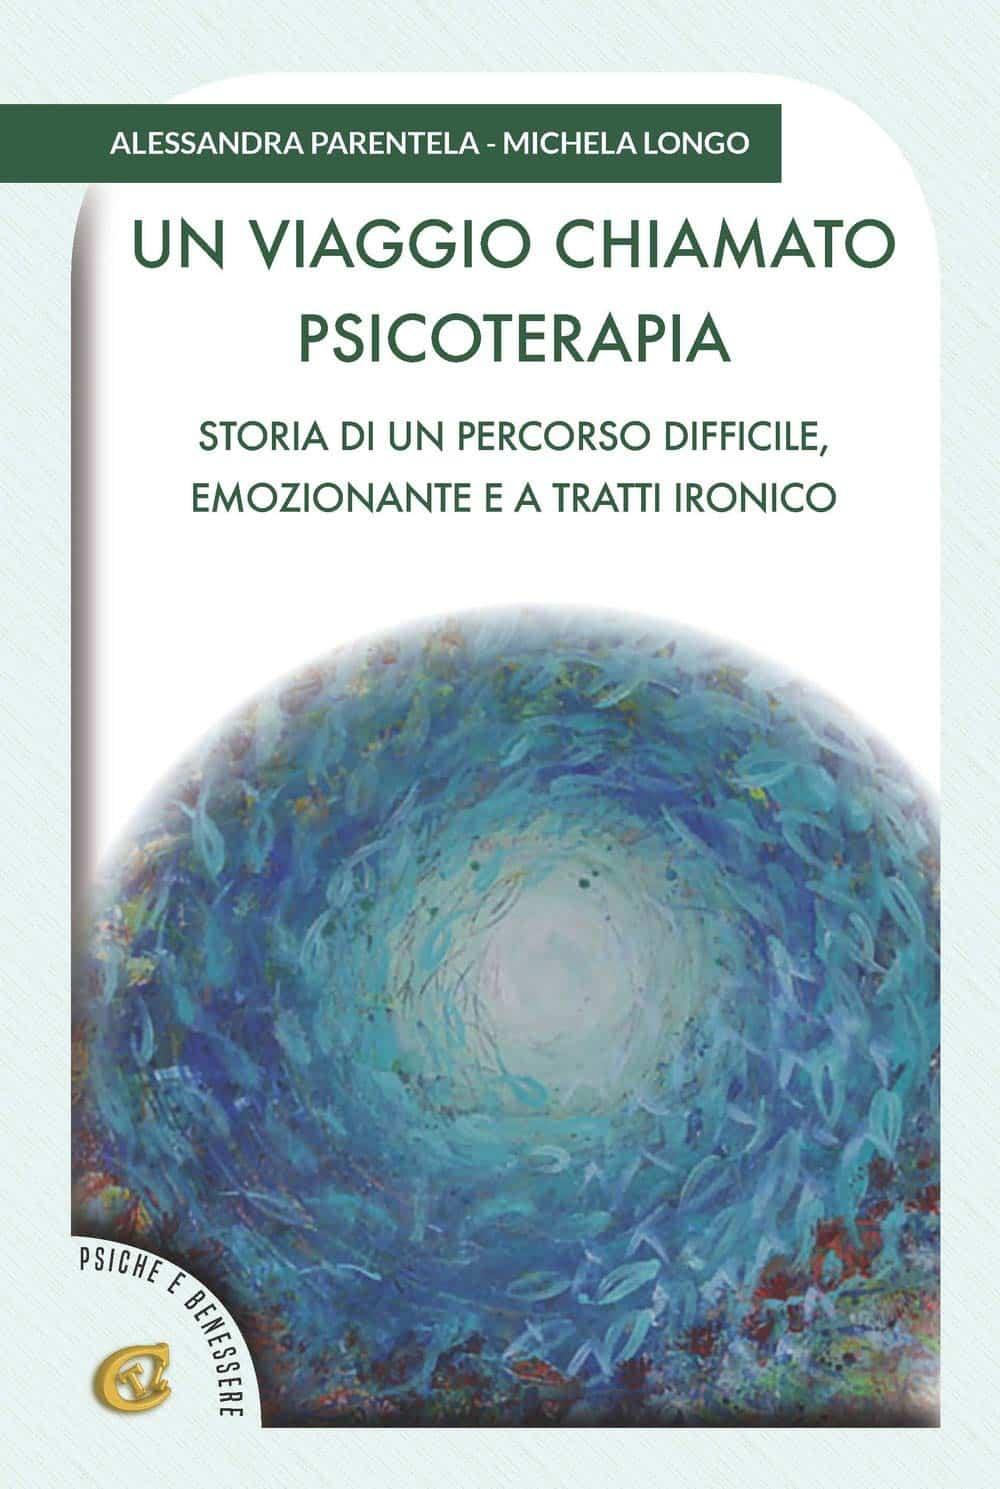 Un viaggio chiamato psicoterapia. Storia di un percorso difficile, emozionante e a tratti ironico (2019) di A. Parentela e M. Longo – Recensione del libro